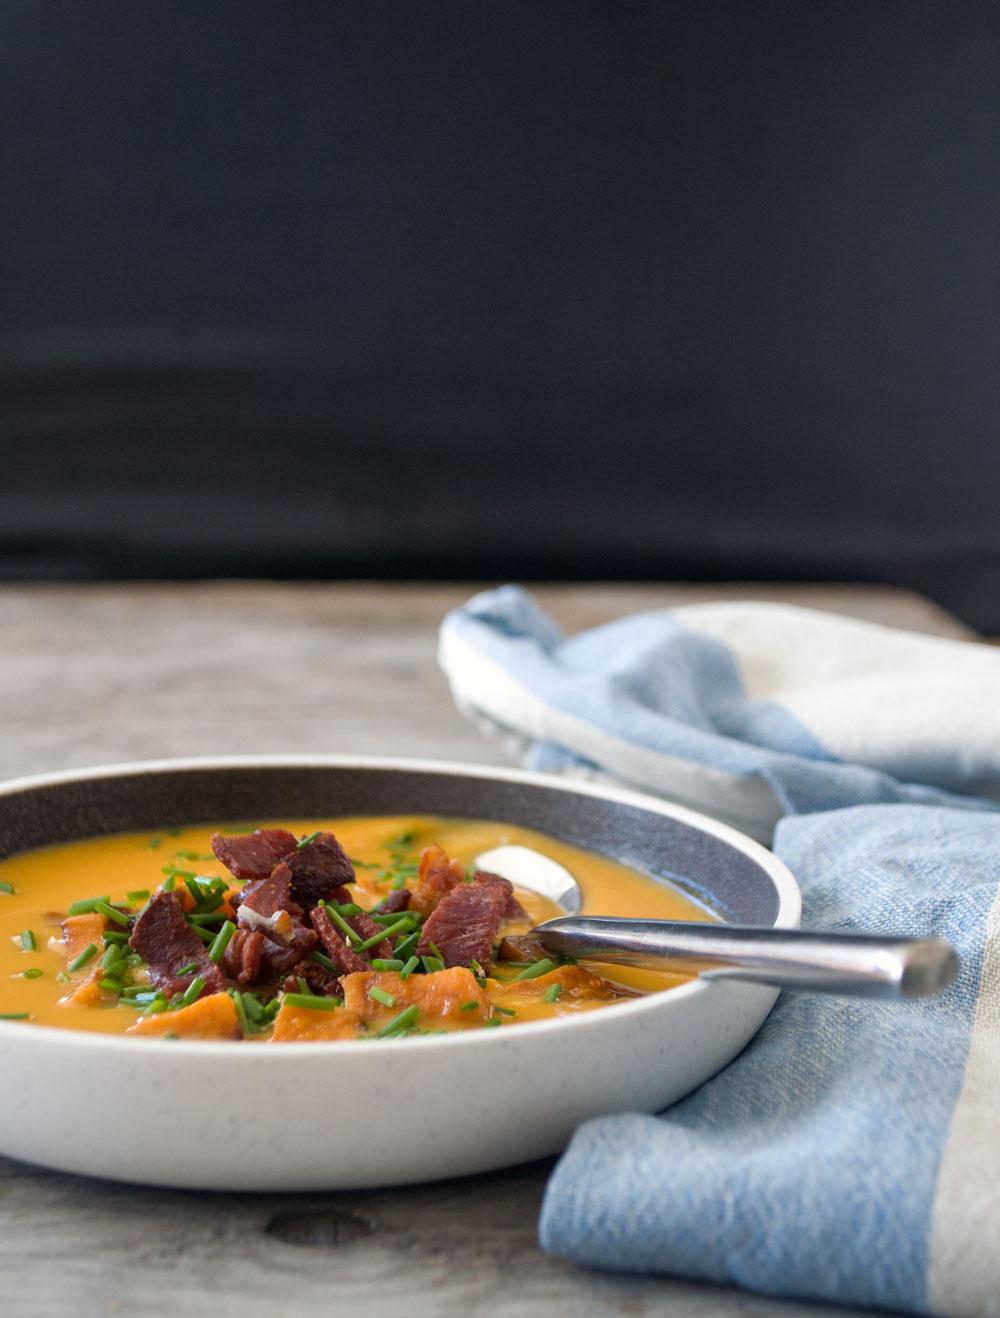 sodekartofler-suppe-hvidlogssalt-24-2